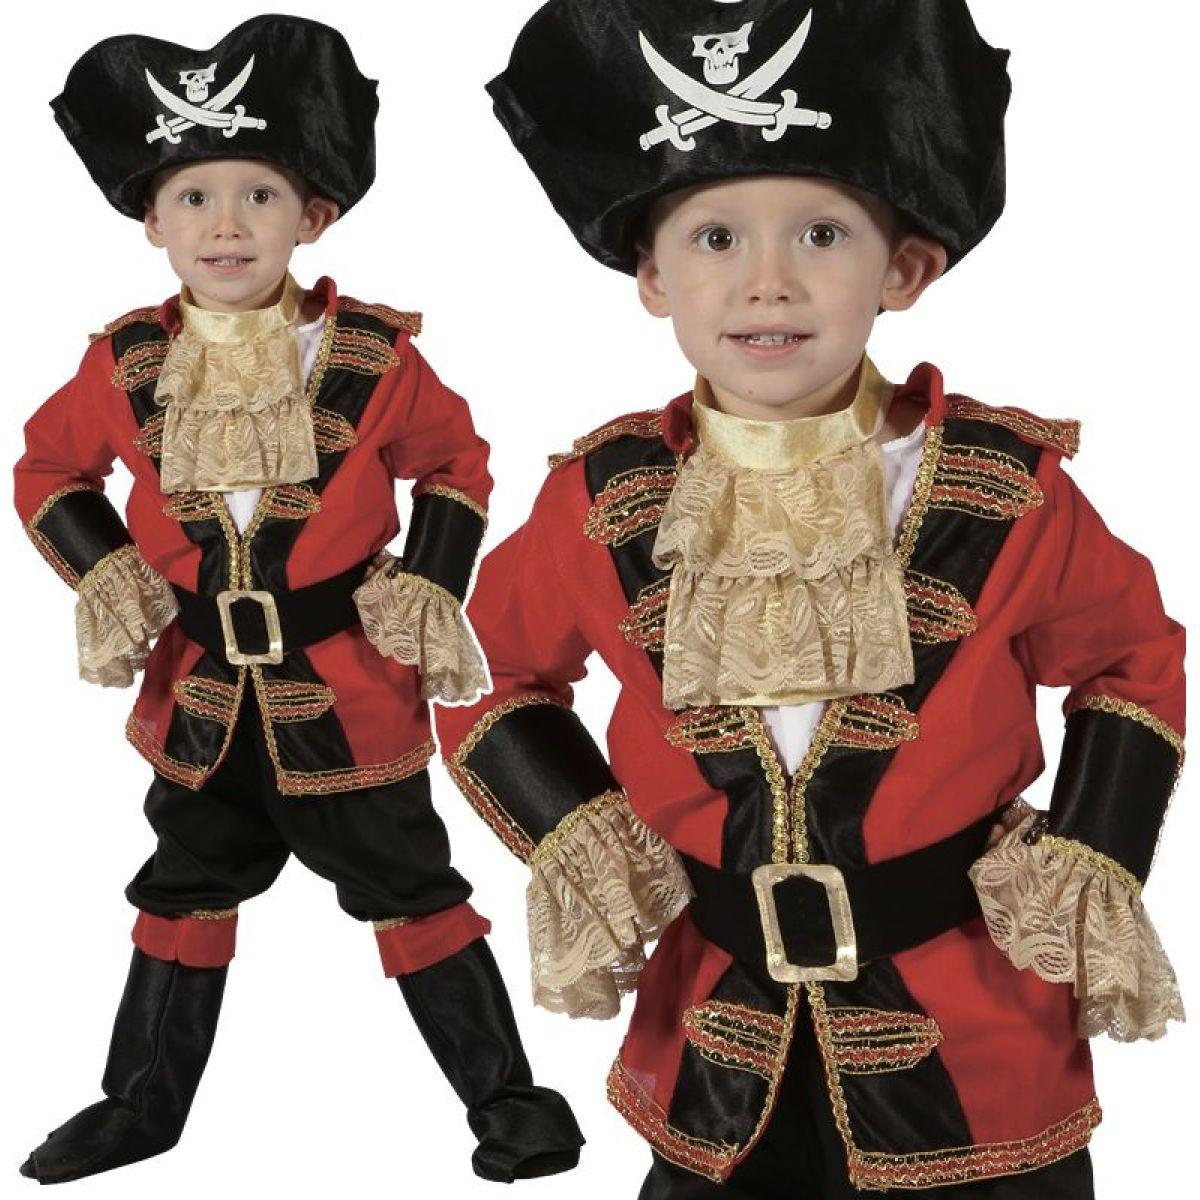 HM Studio Detský kostým Pirát 92 - 104 cm - Poškodený obal